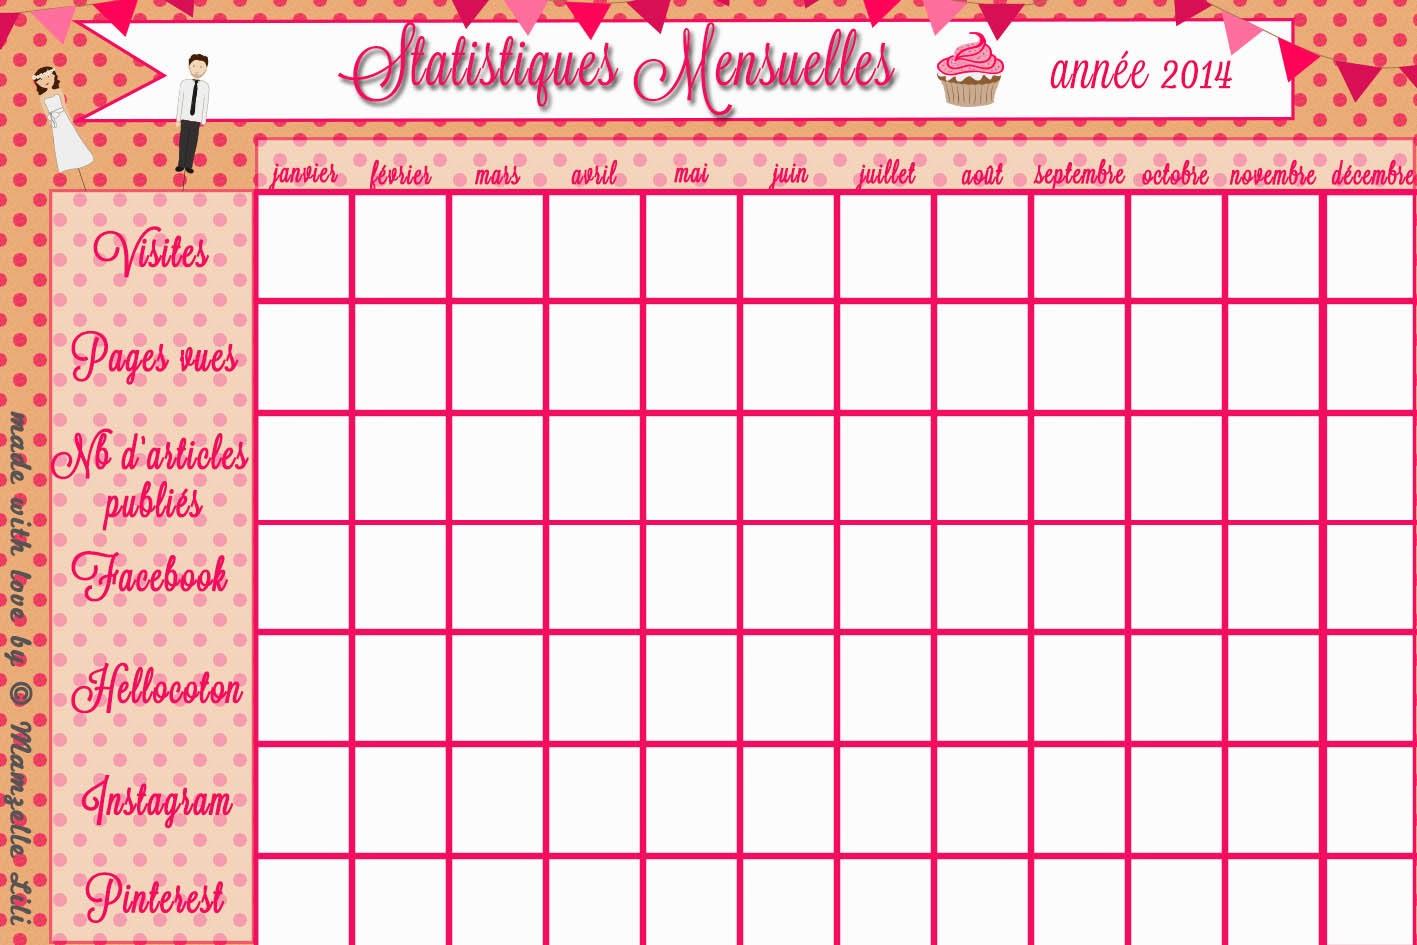 fiches pratiques statistiques mensuelles blog mamzelle lili